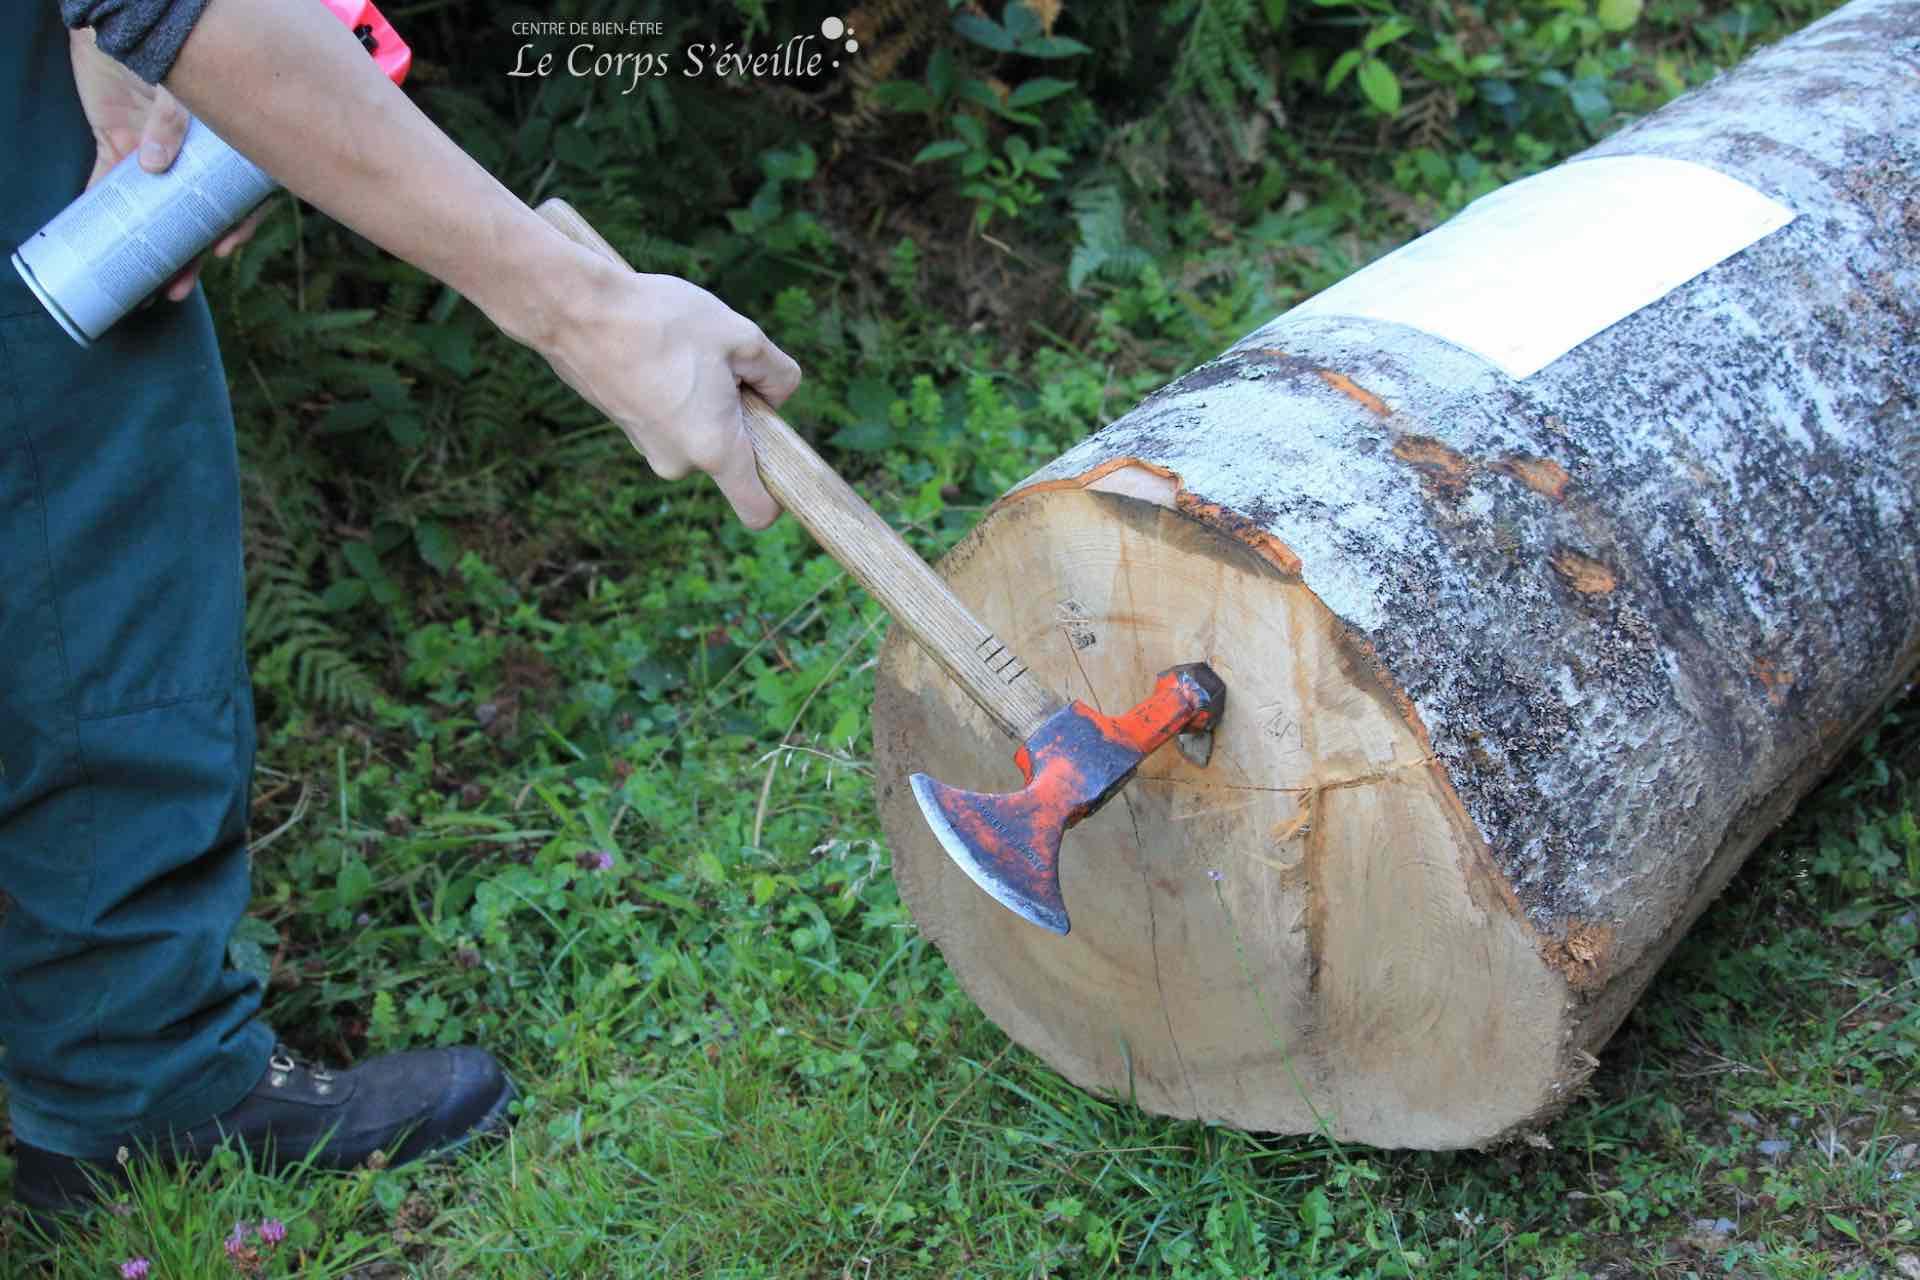 Un agent forestier ONF appose le sigle AF (administration forestière) sur le tronc d'un arbre tombé à terre, validant ainsi sa prise en charge par une entreprise agréée.